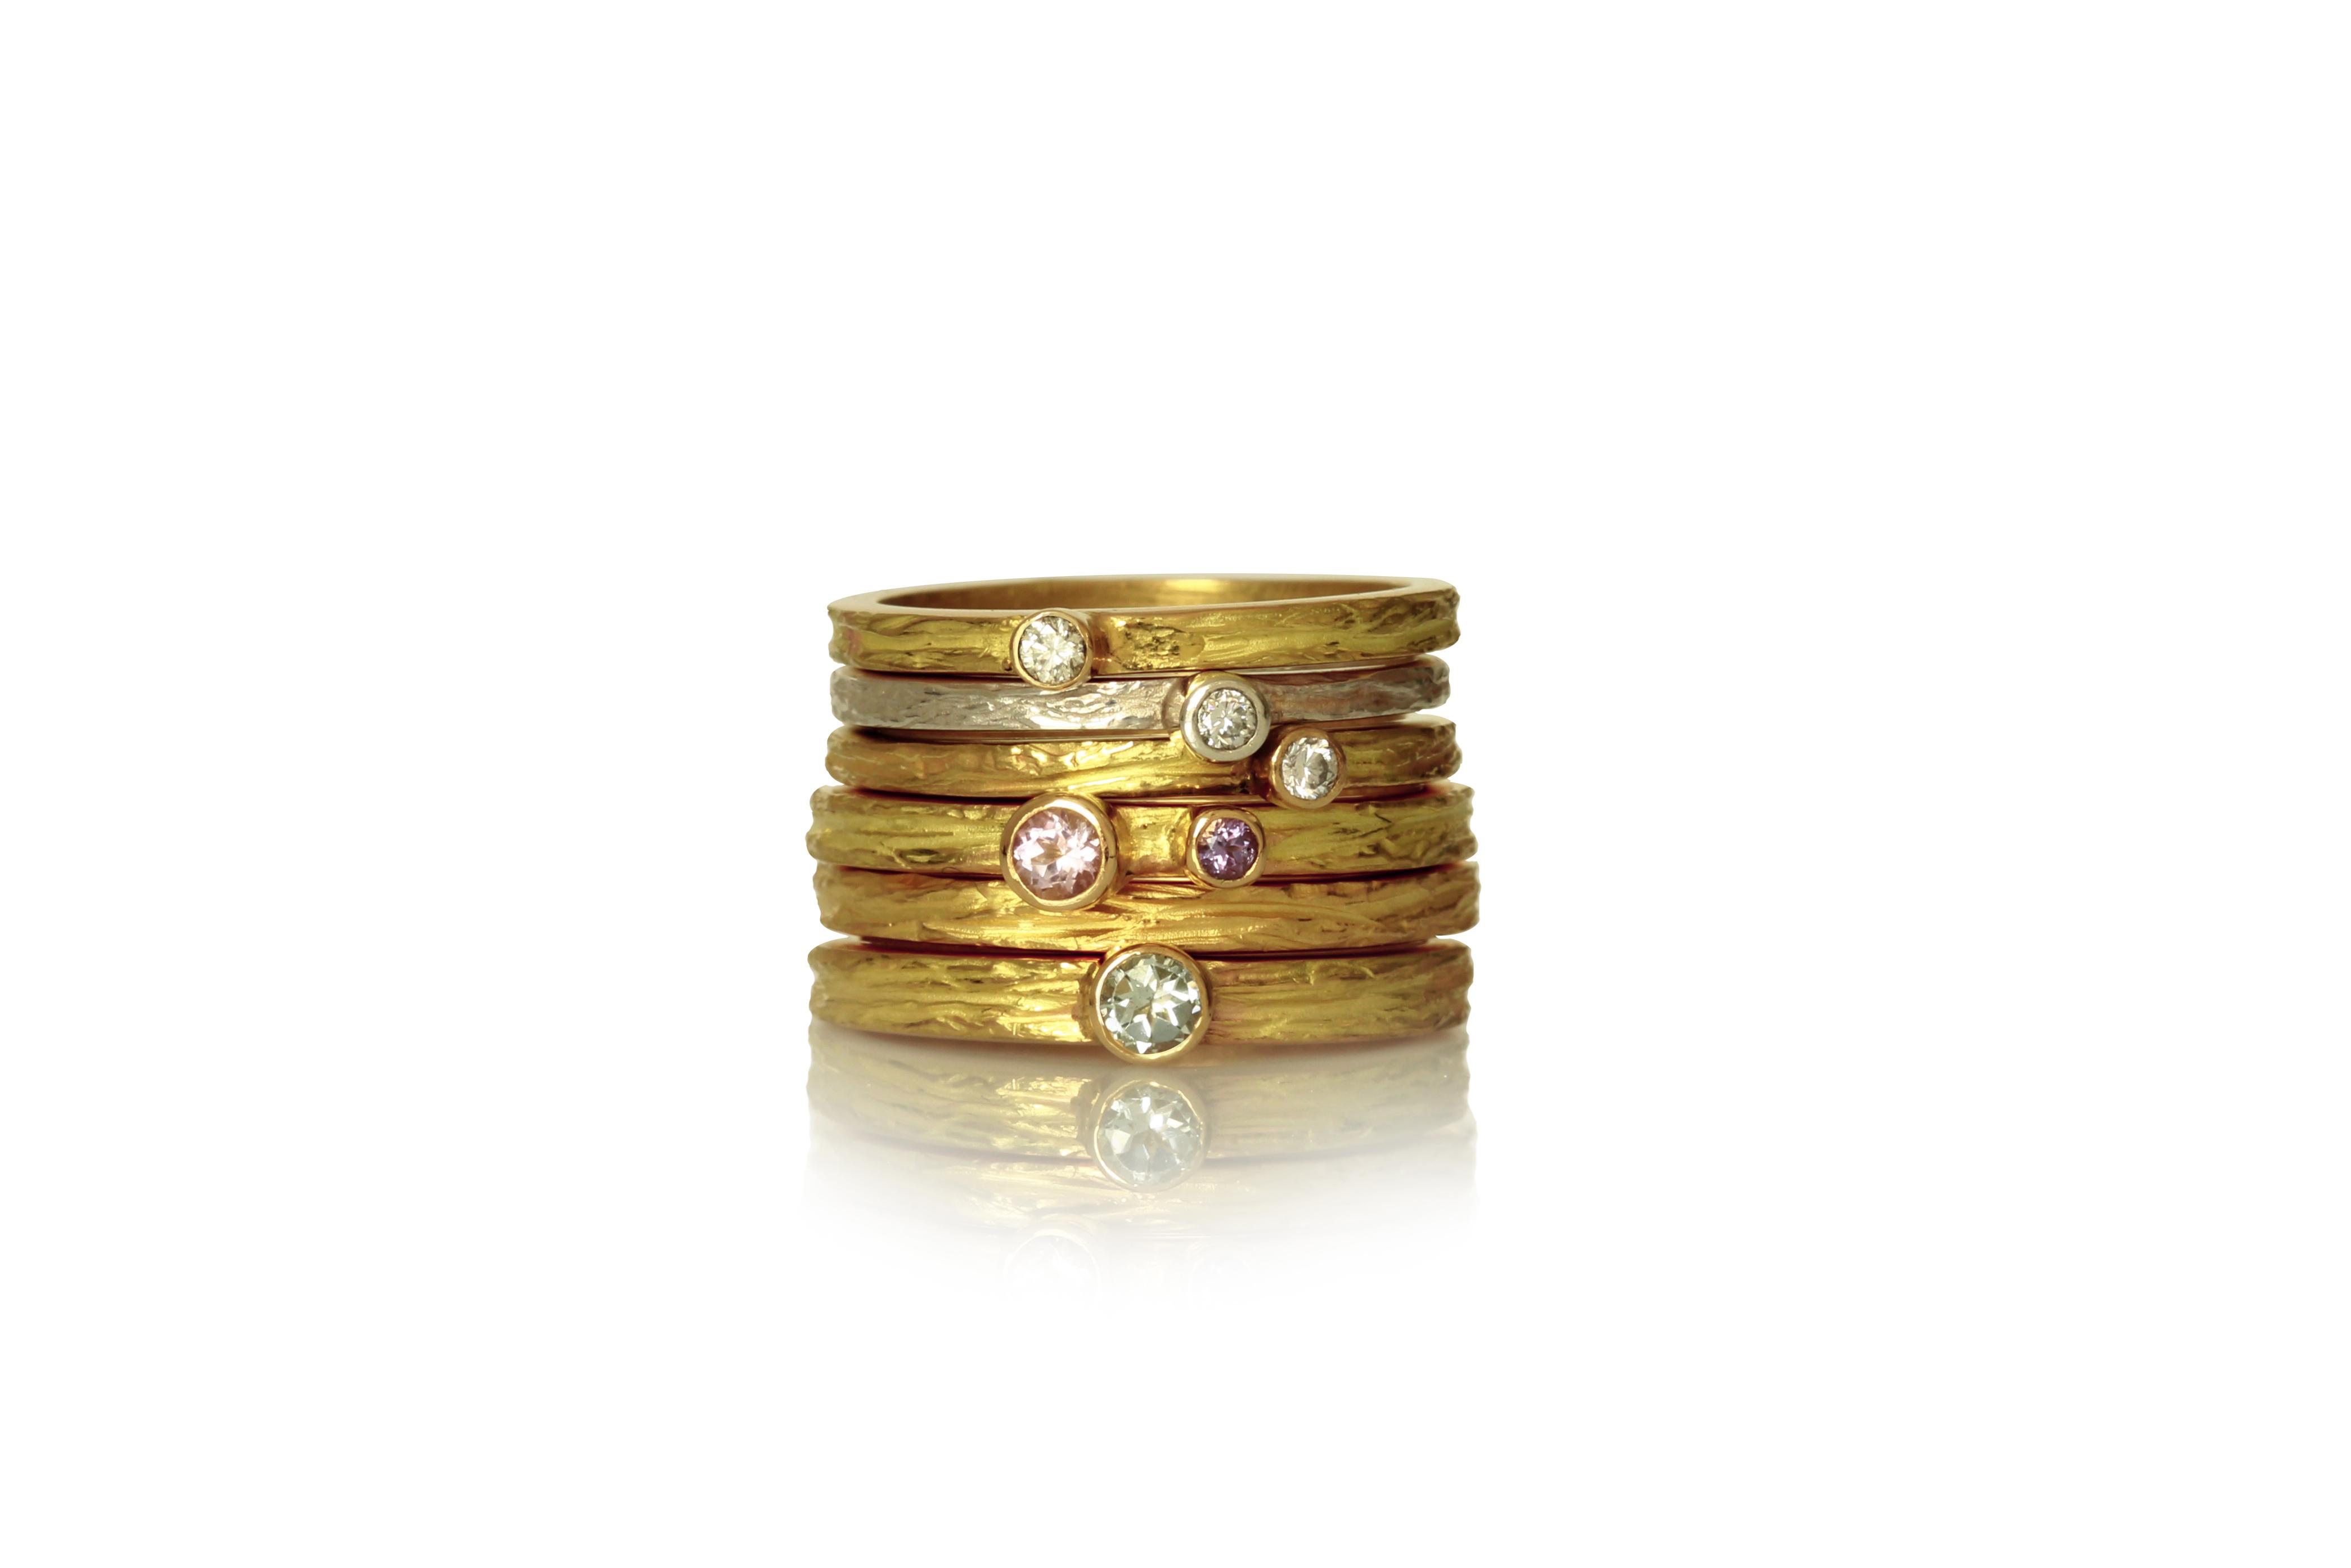 ouahnoun-presse-mes-createurs-joailliers-criska-bagues-ecorce-orj-18kt-tourmalines-diamants